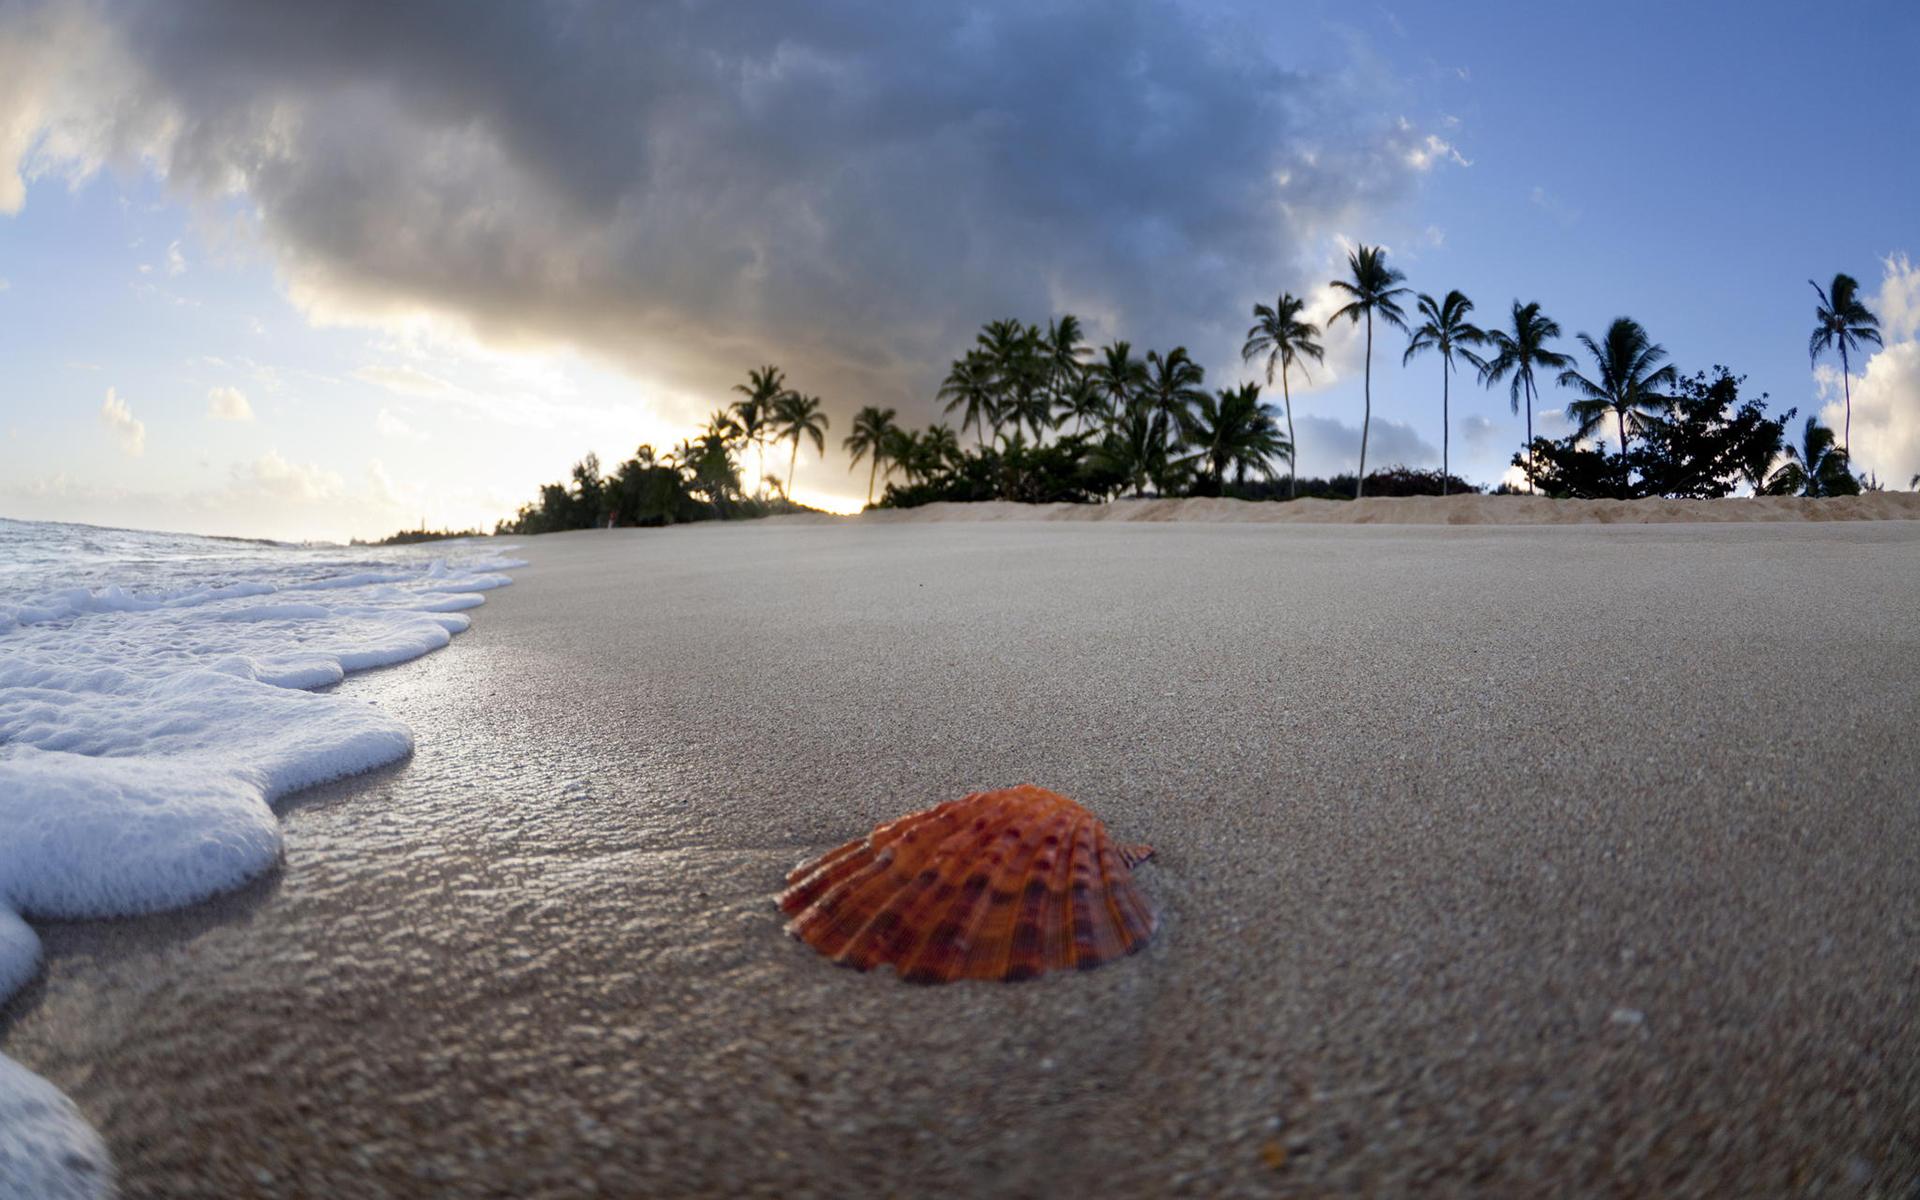 подойдут как картинки песок вода пальмы сможет выехать вам